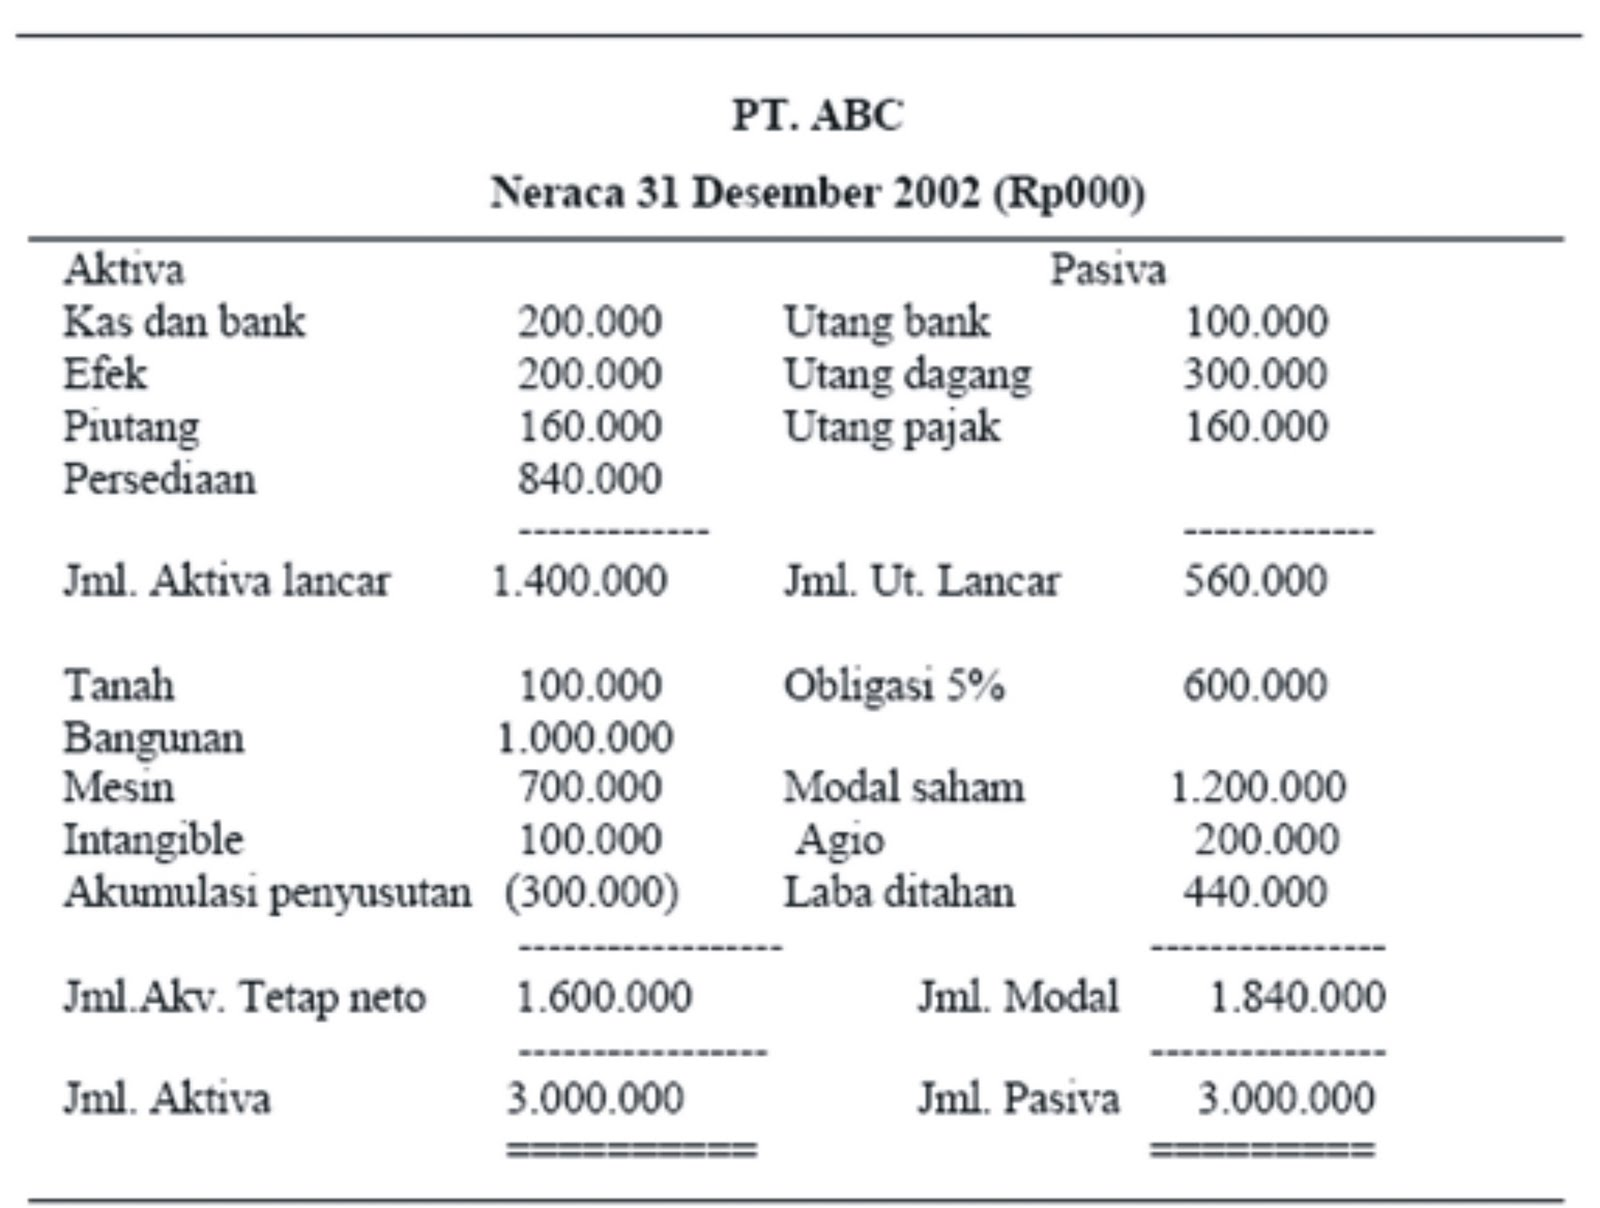 Contoh Proposal Laporan Keuangan Suatu Perusahaan